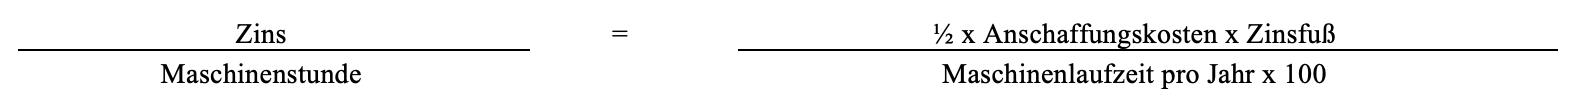 Kalkulatorischer Zins pro Maschinenstunde